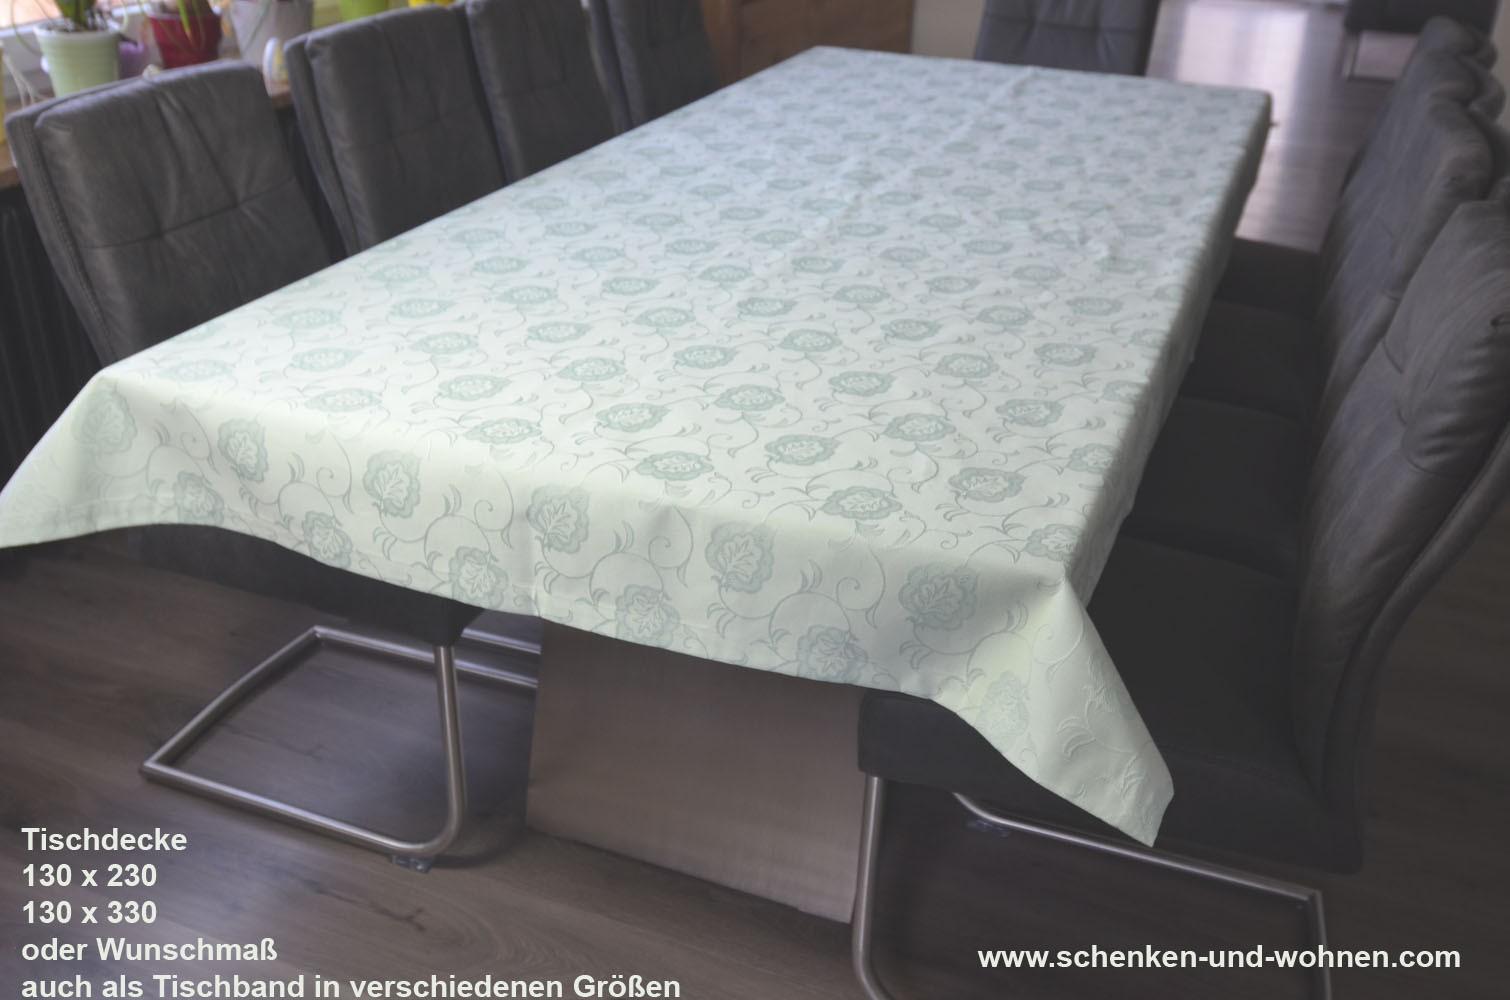 Tischwäsche Tischdecke 130 x 330 cm schilfgrün